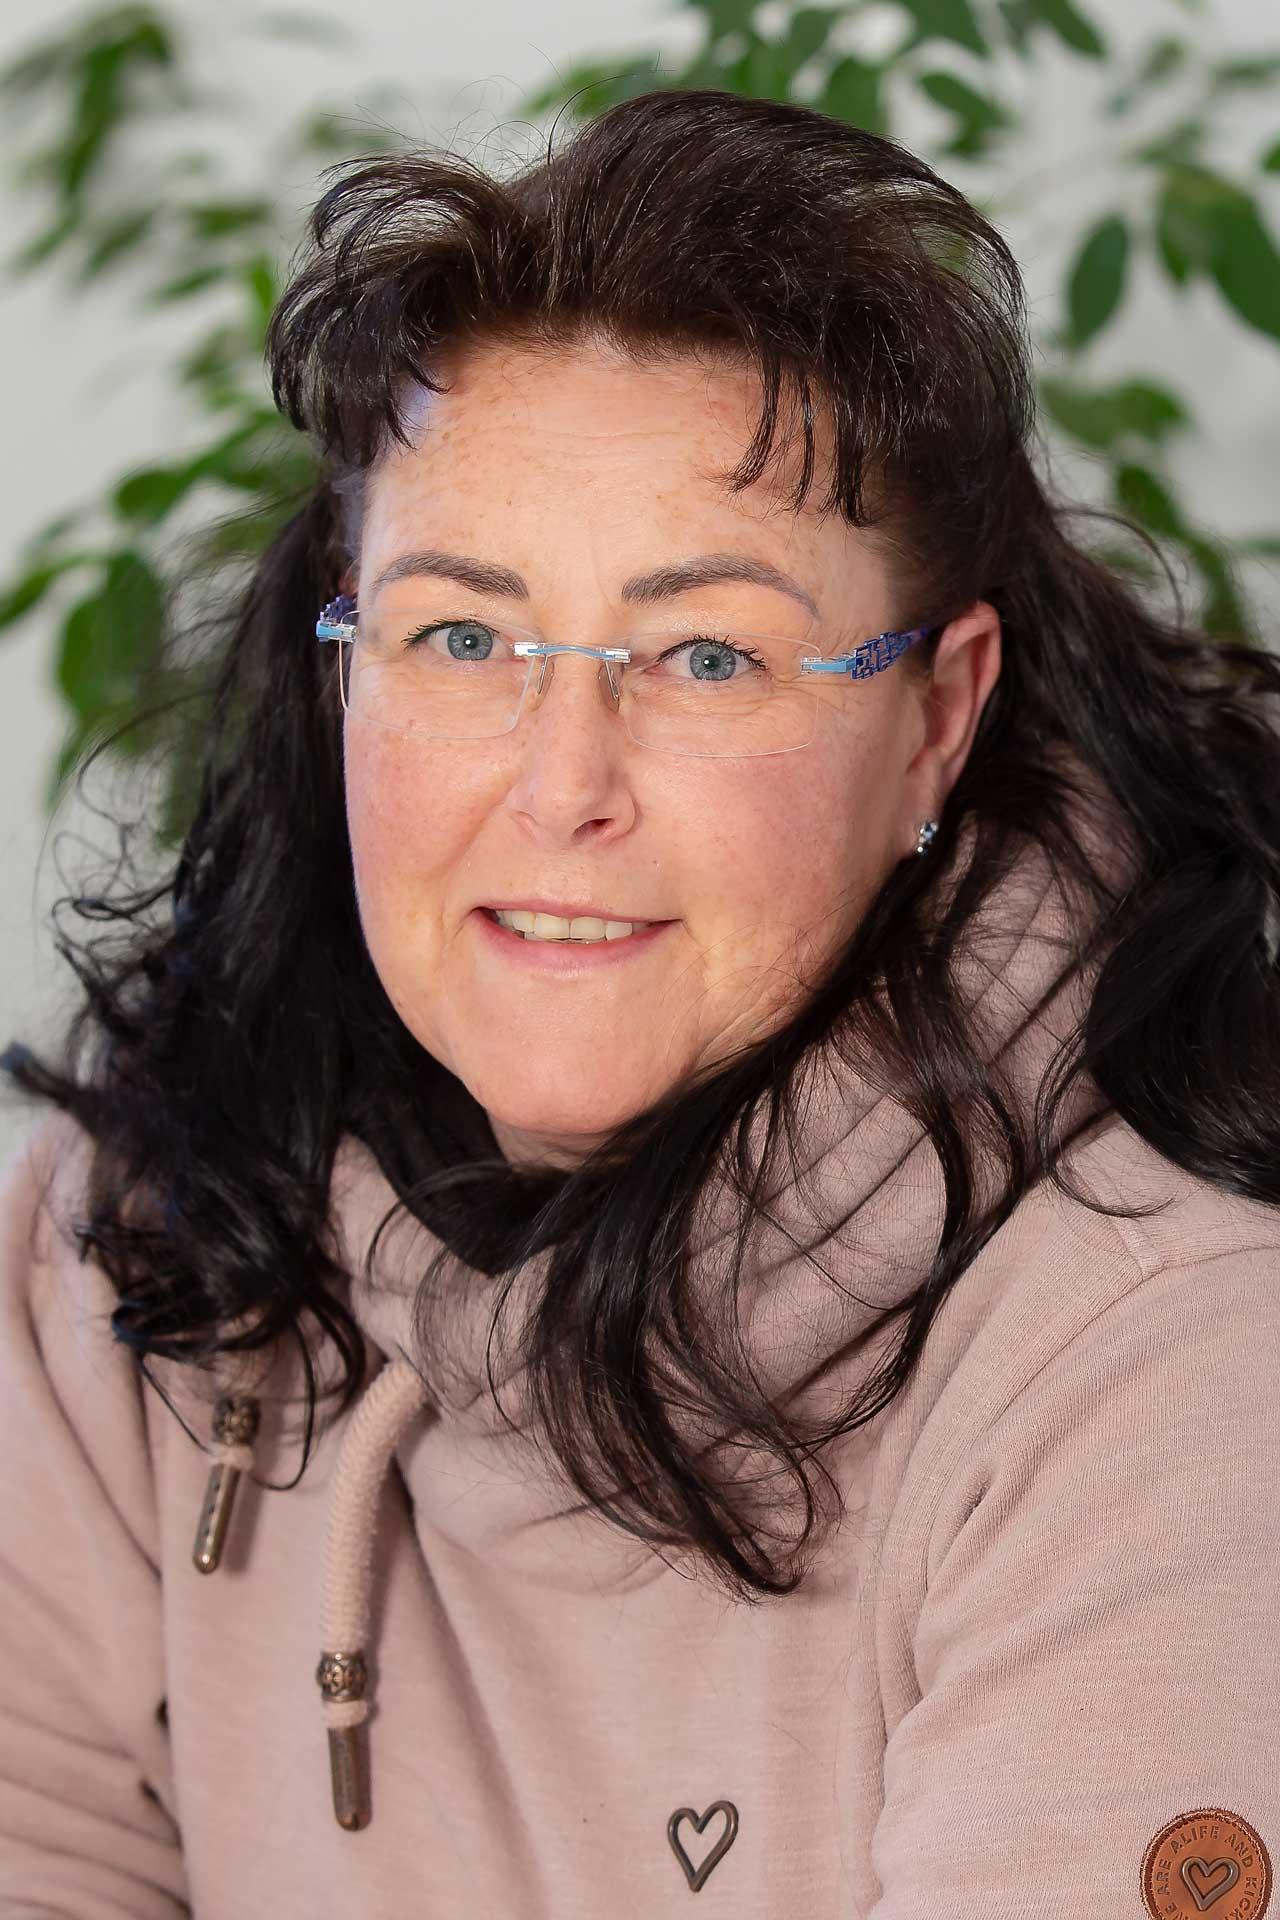 Carmen Huebner